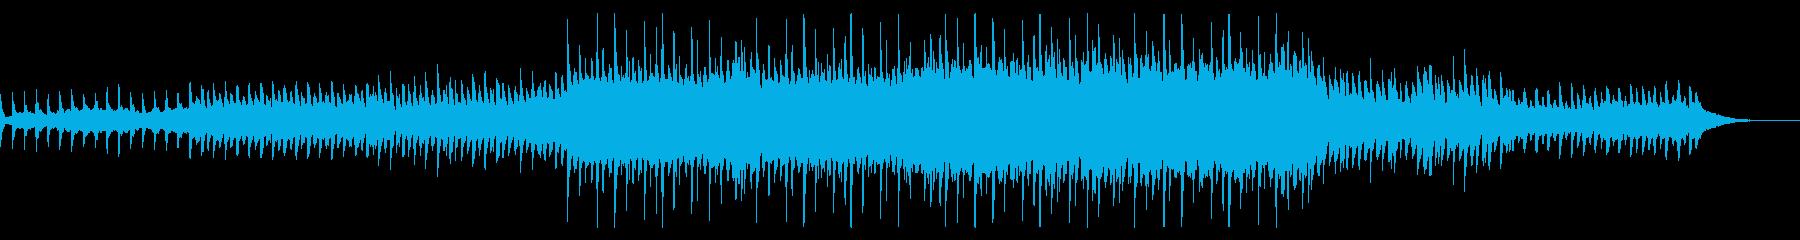 マリンバとシンセのしっとりしたヒーリングの再生済みの波形